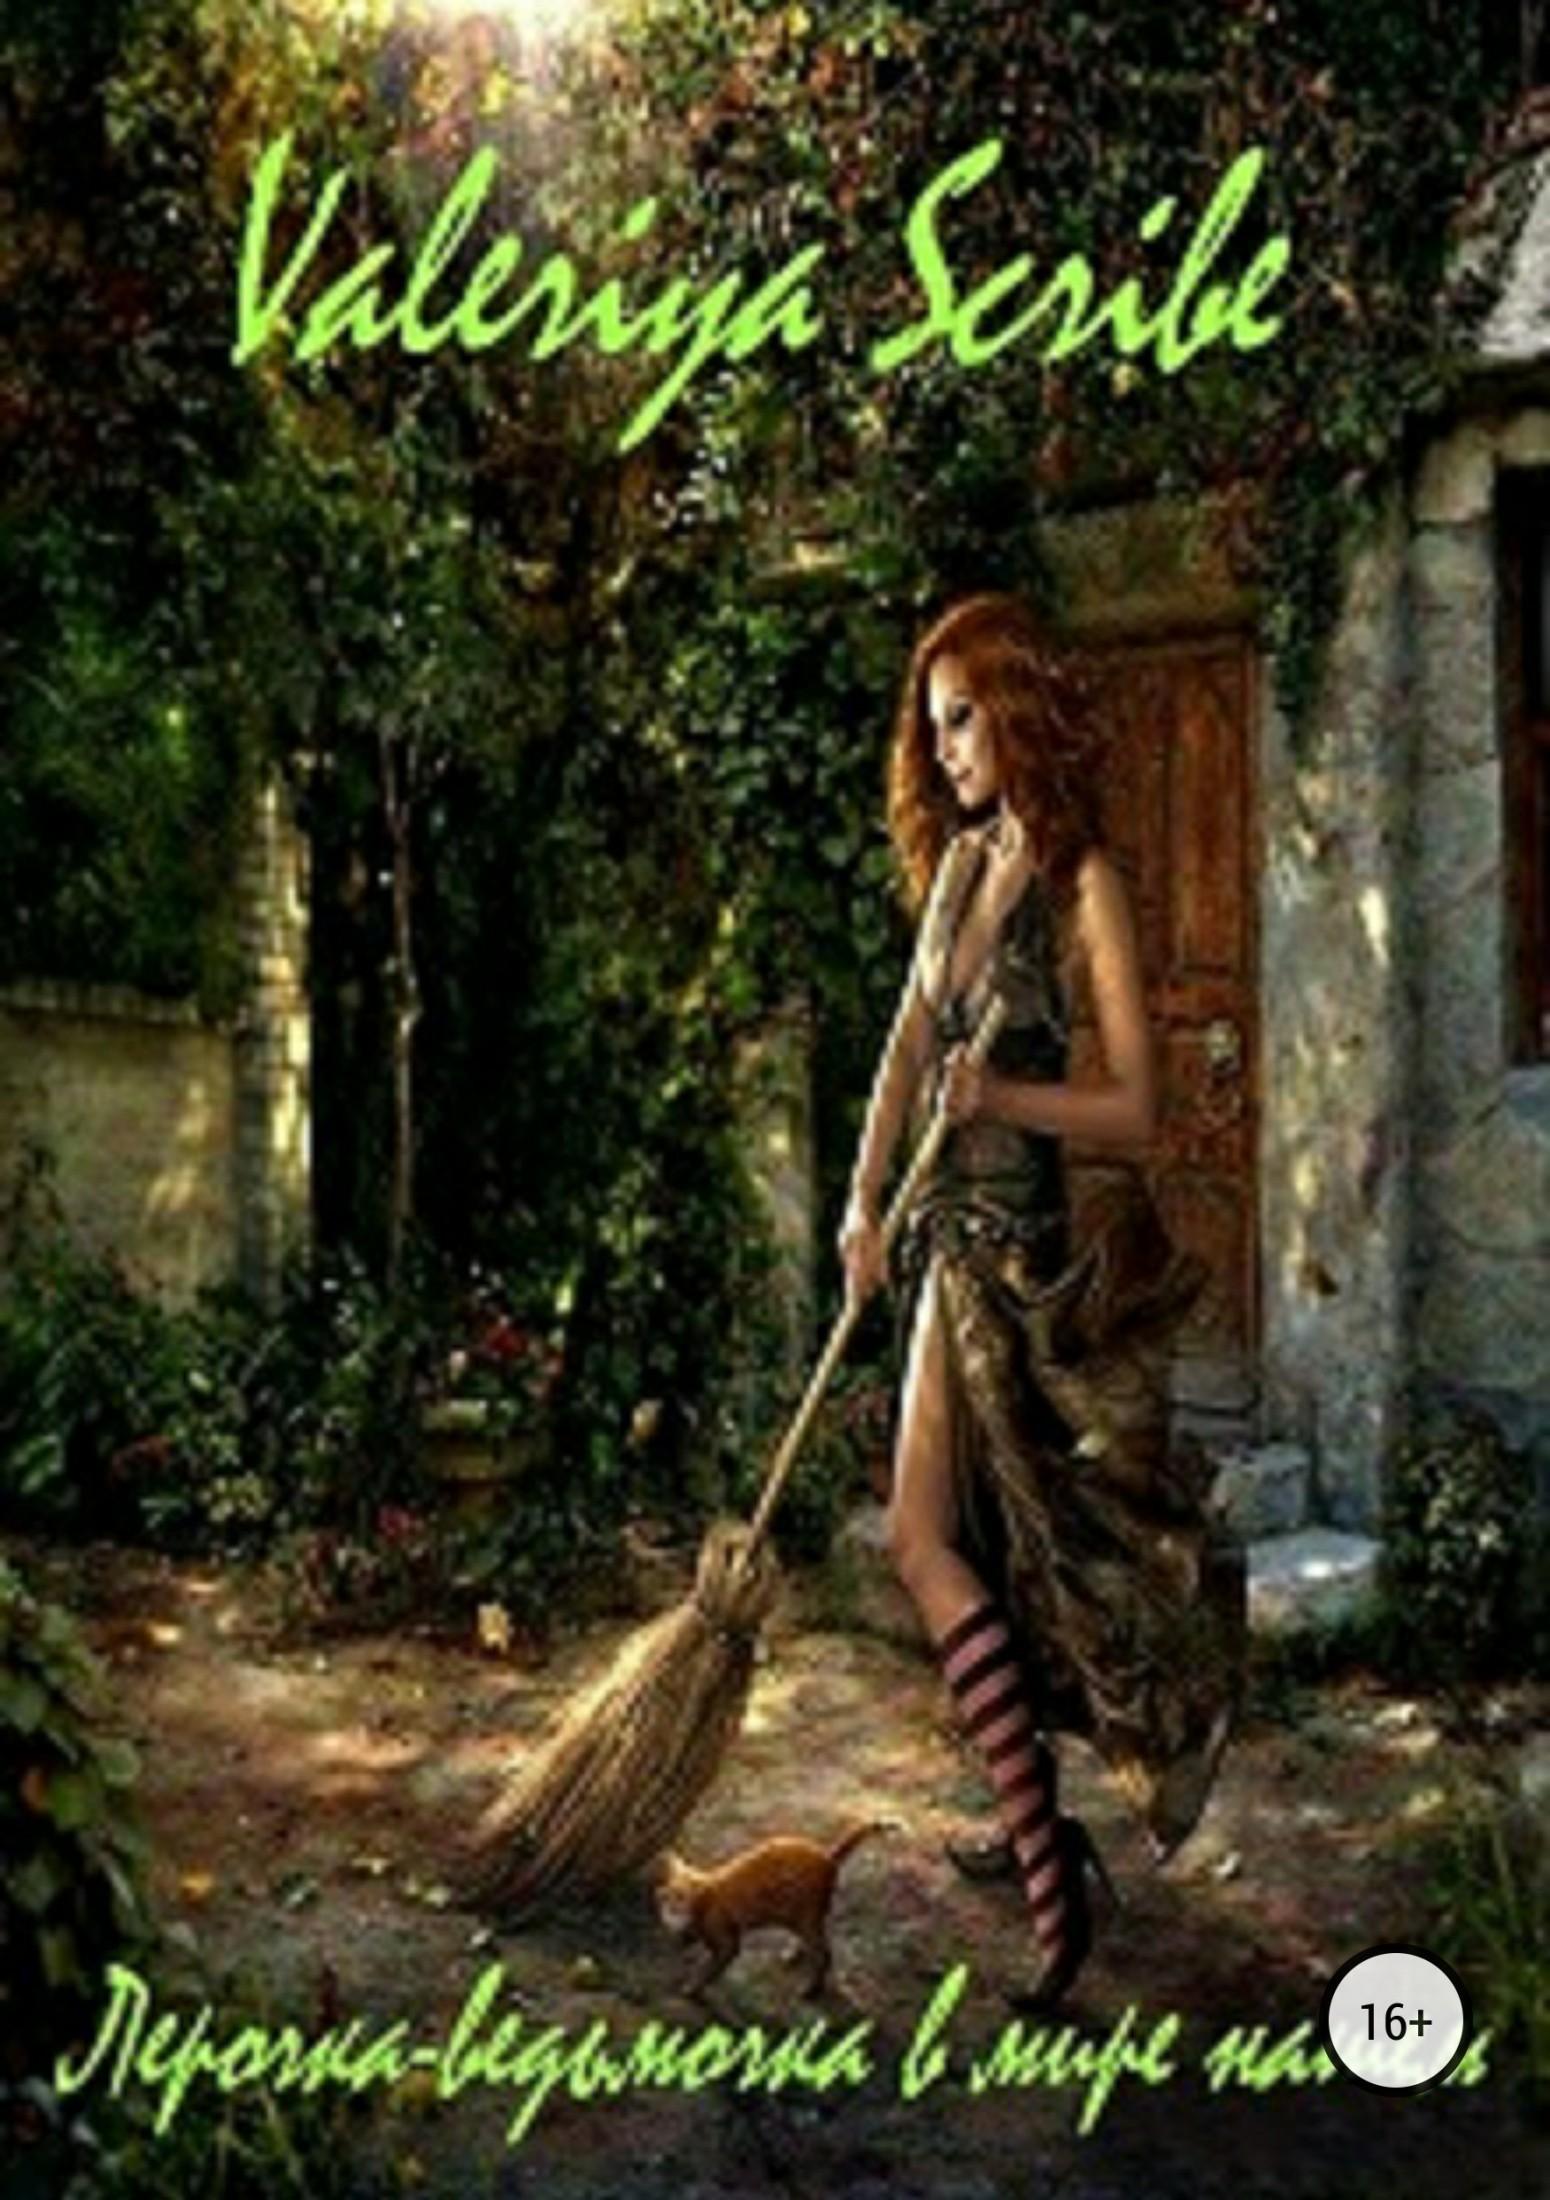 Лерочка-ведьмочка в мире нашем